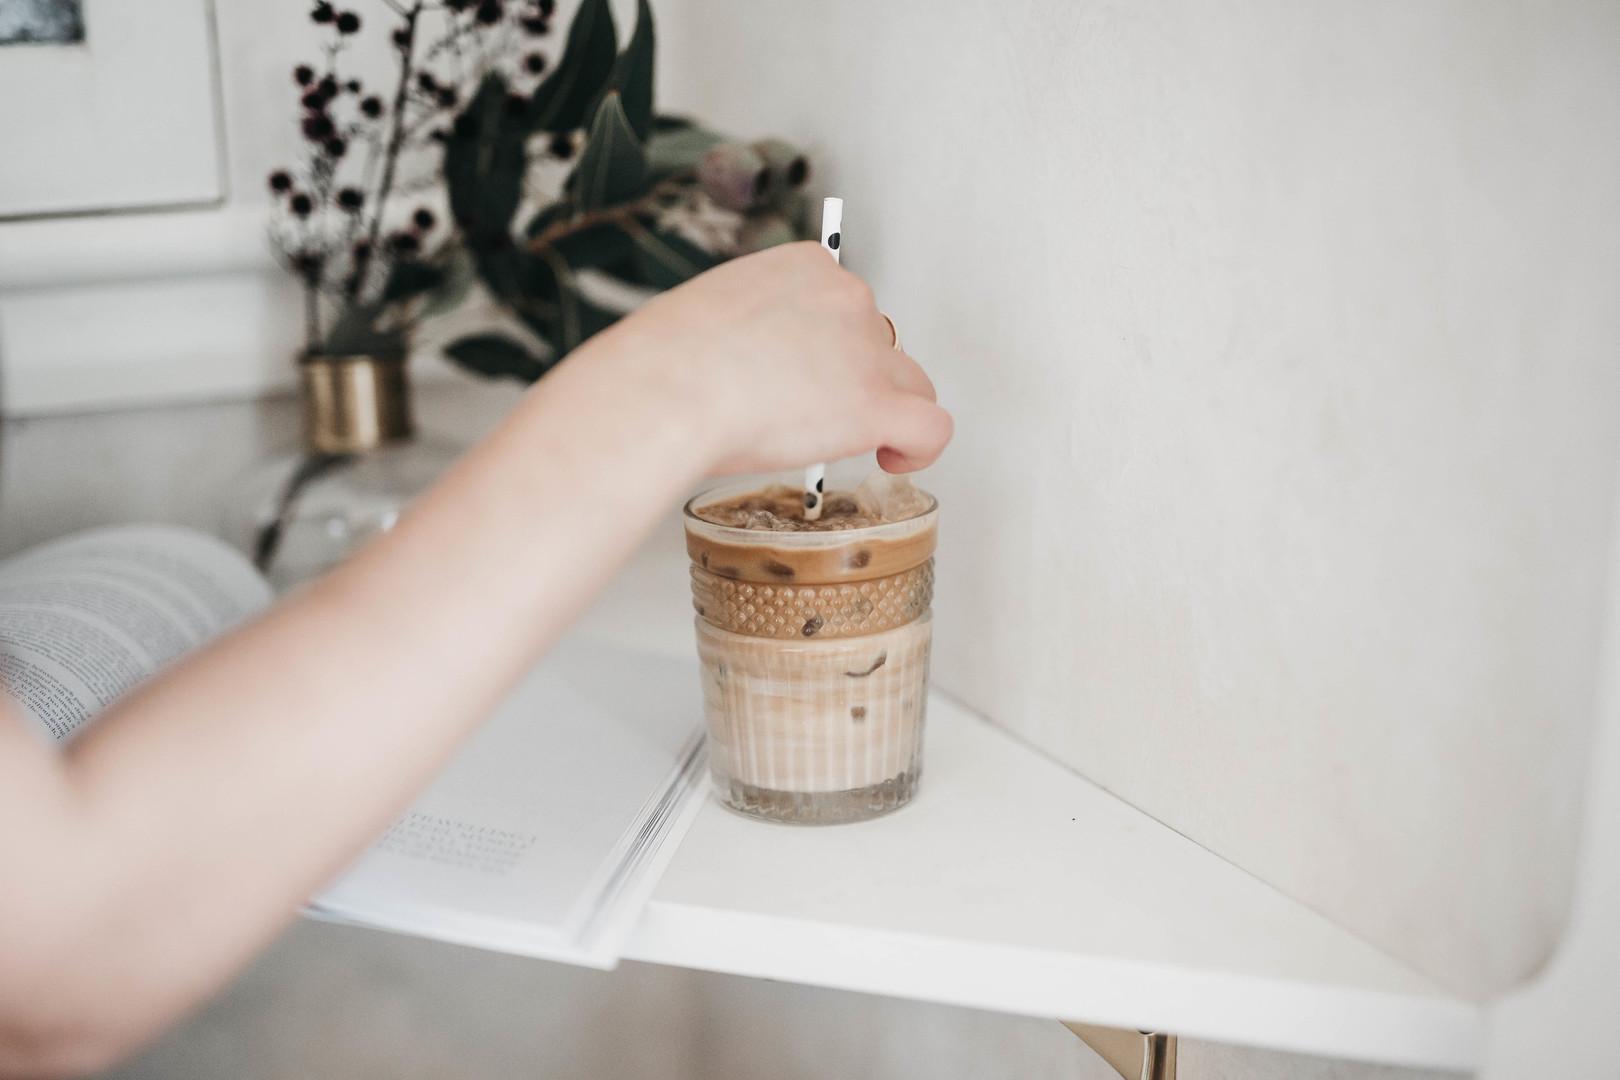 Iced Latte Stir.jpg